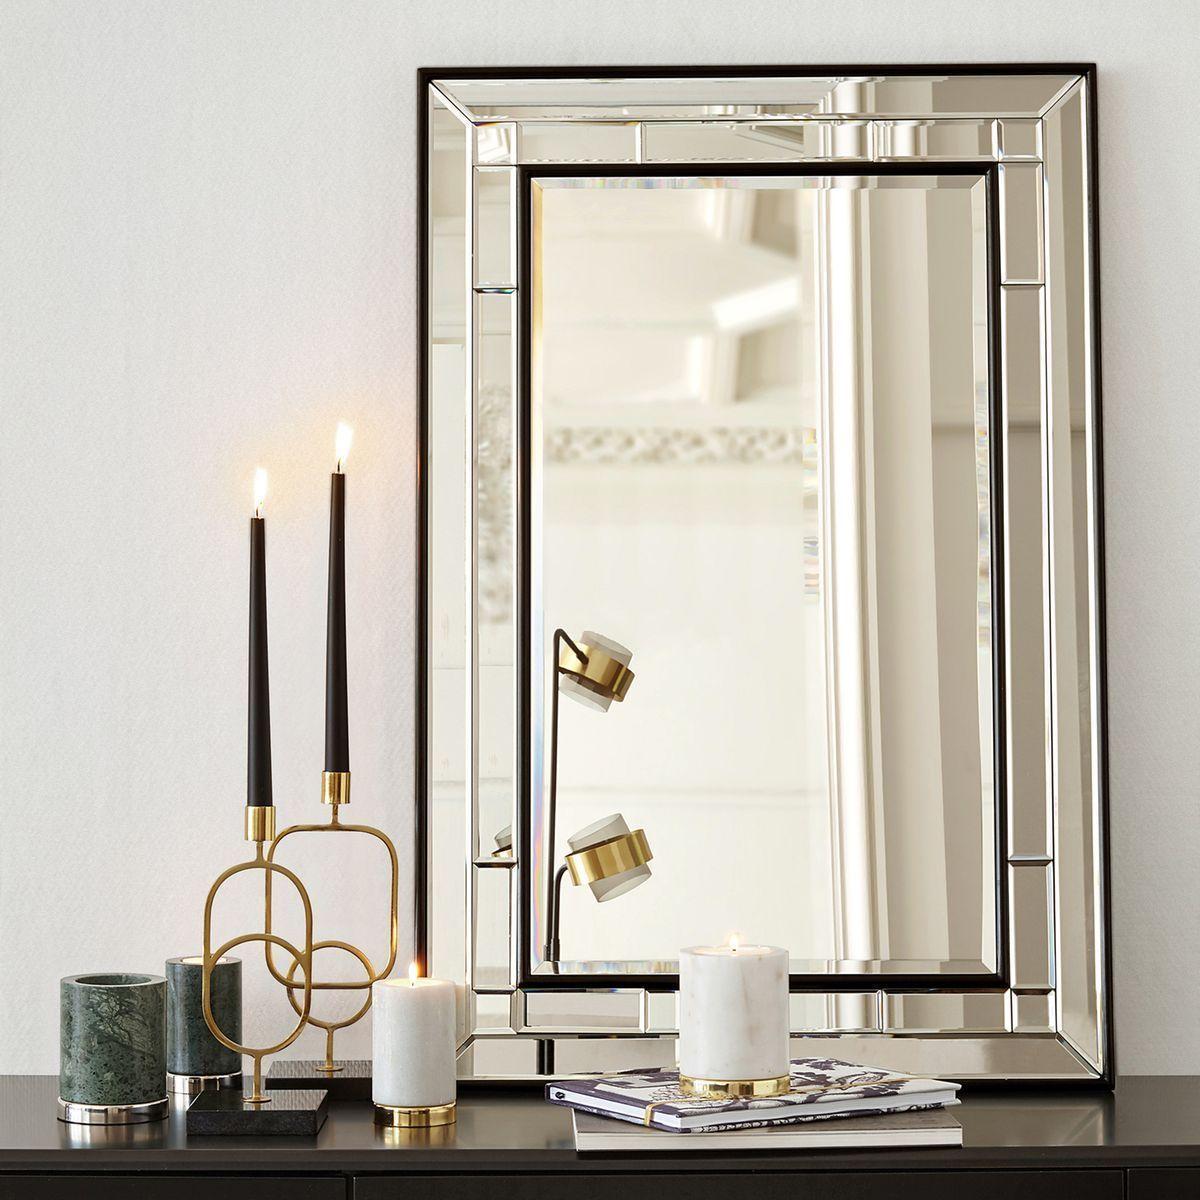 La Tendance Neo Art Deco En 5 Cles Blog Deco Clem Around The Corner Style Art Deco Art Deco Pour Salle De Bain Miroir Art Deco